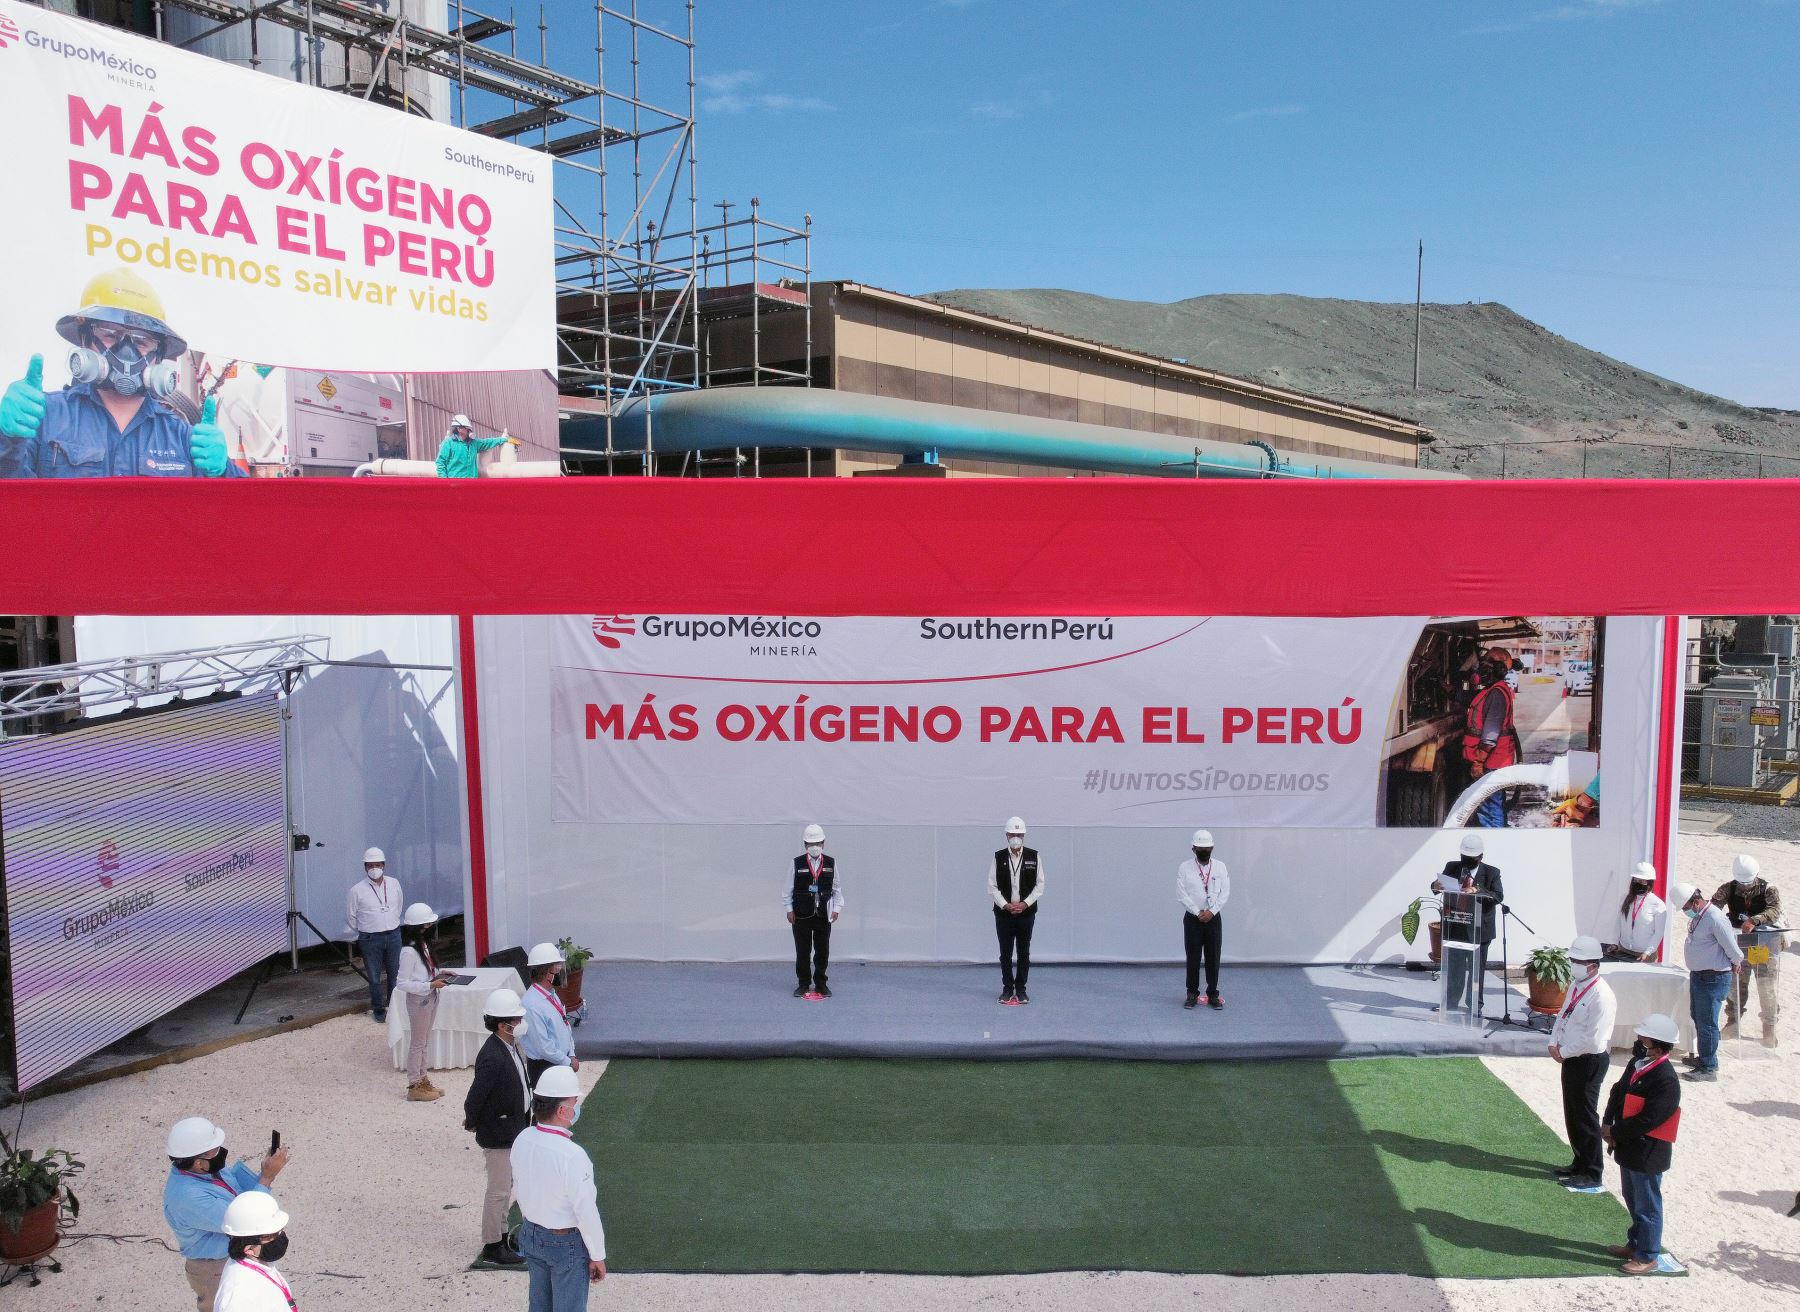 El Presidente de la República , Francisco Sagasti , llegó a la región Moquegua para la entrega de vacunas al personal de salud así como participó de la entrega de la donación de 20 toneladas de oxígeno para el abastecimiento de hospitales y centros médicos. Foto: ANDINA/Presidencia Perú.